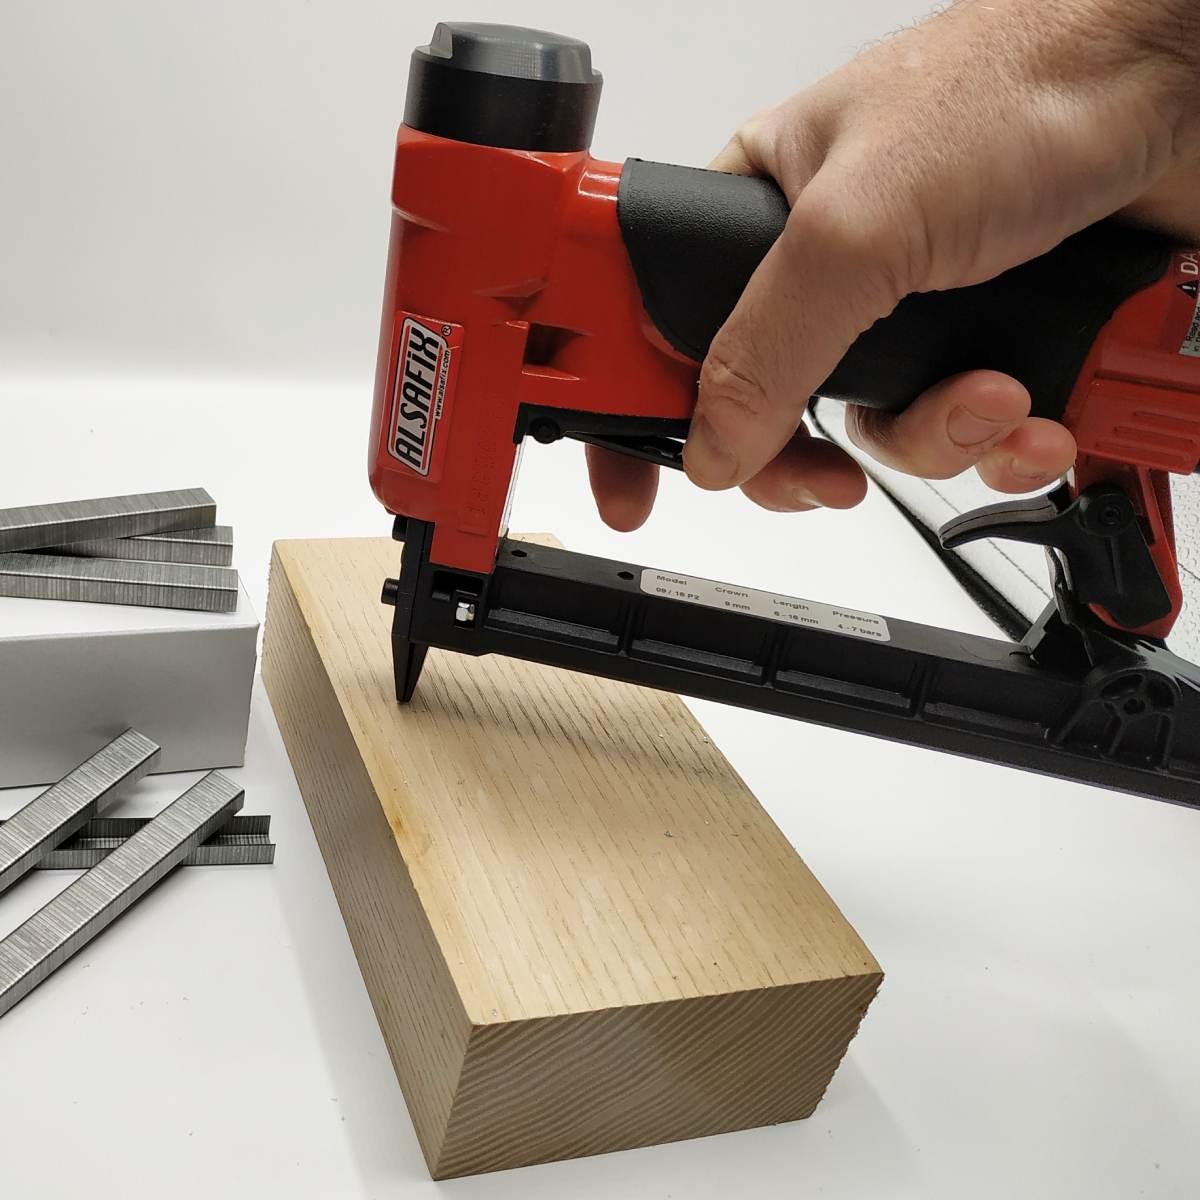 REGUR FT-10 Handtacker agrafeuse professionnelle pr/écise pour la fixation des tissus des tissus dameublement de l/étiquetage du bois u.v.m.